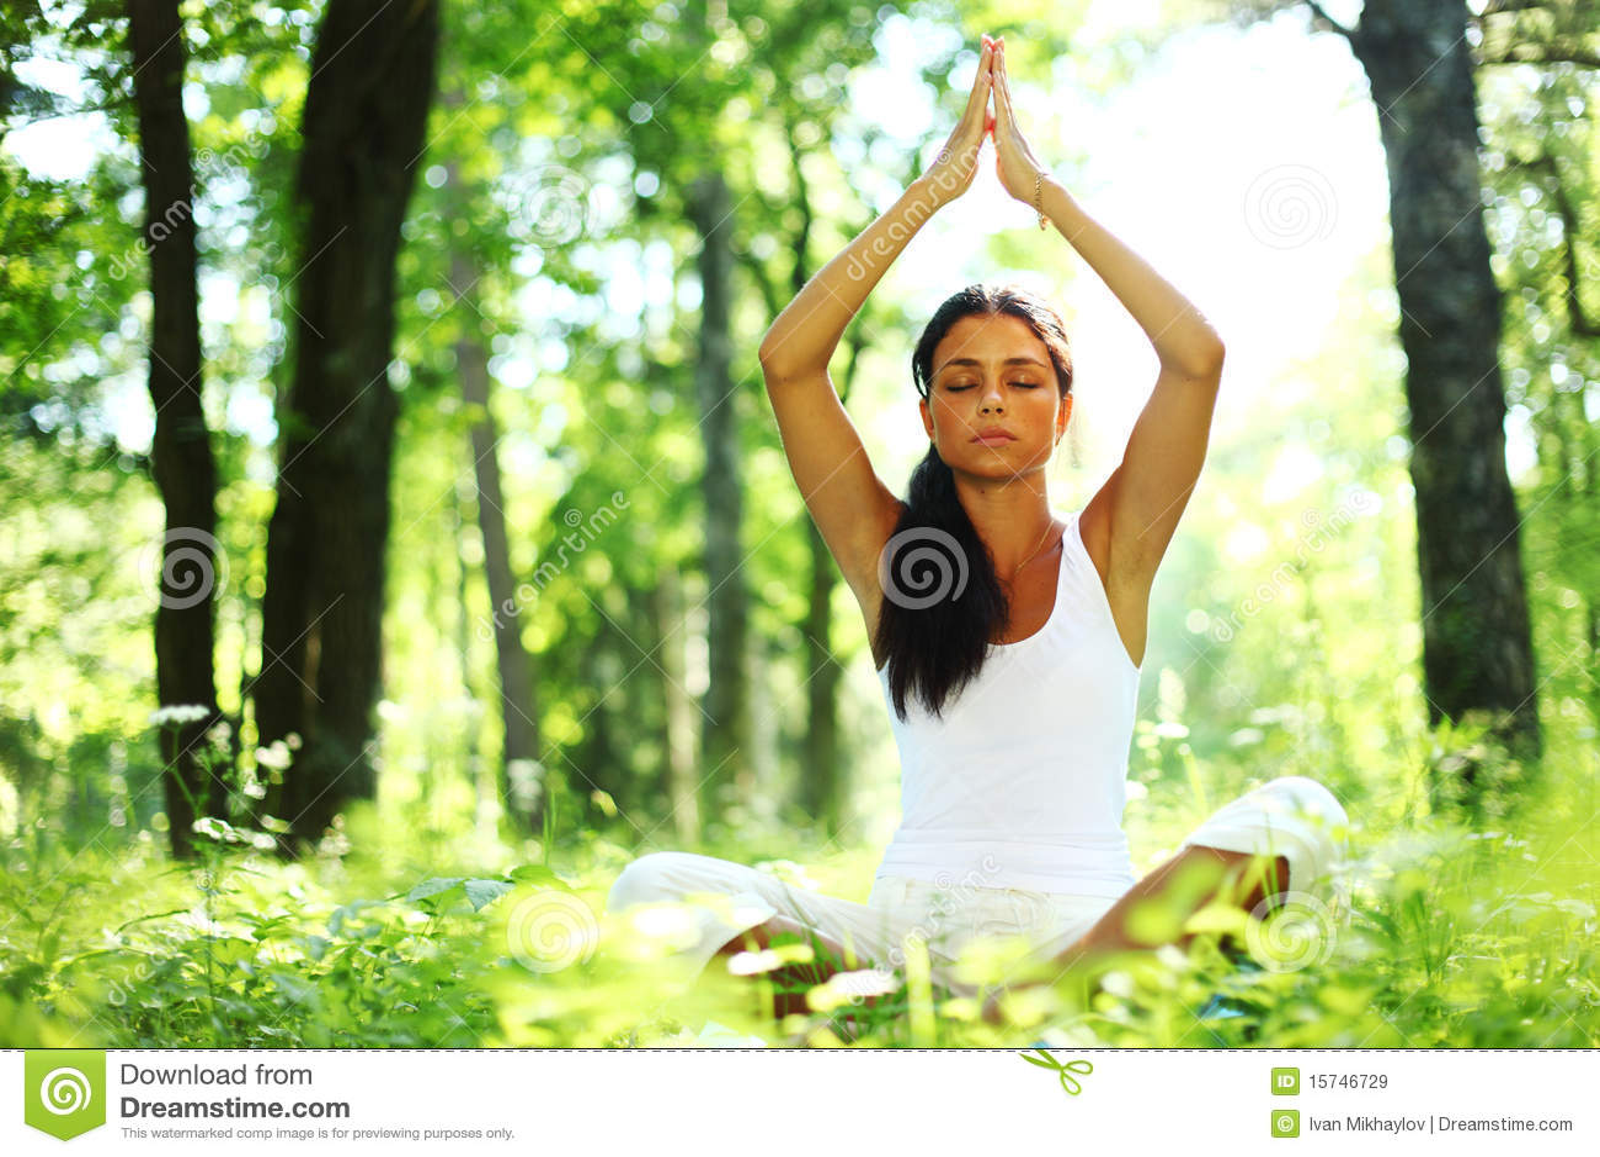 йога восхода солнца лотоса